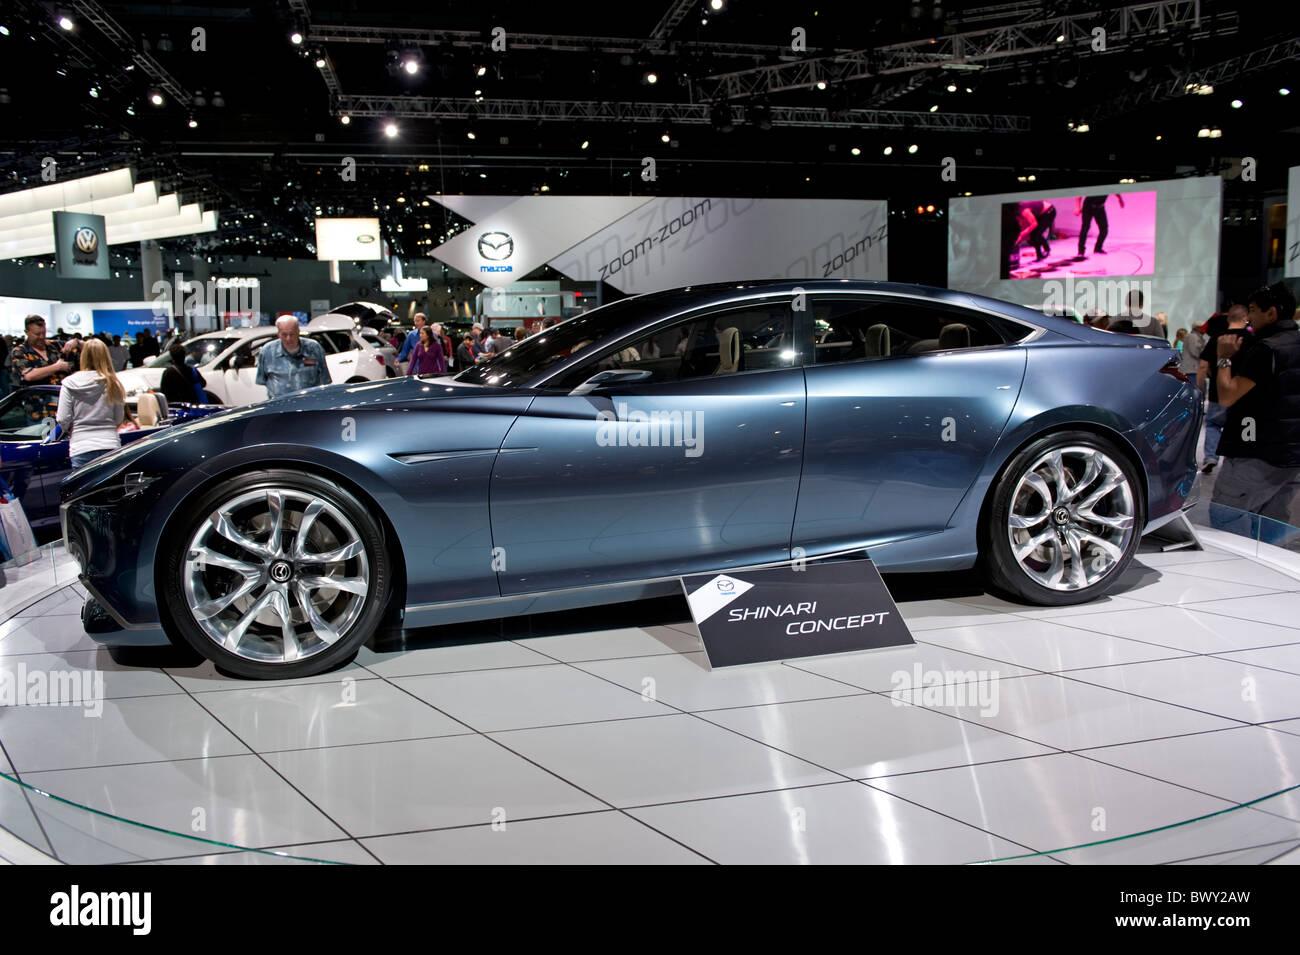 Mazda Shinari concept world debut at the 2010 LA Auto Show in the ...